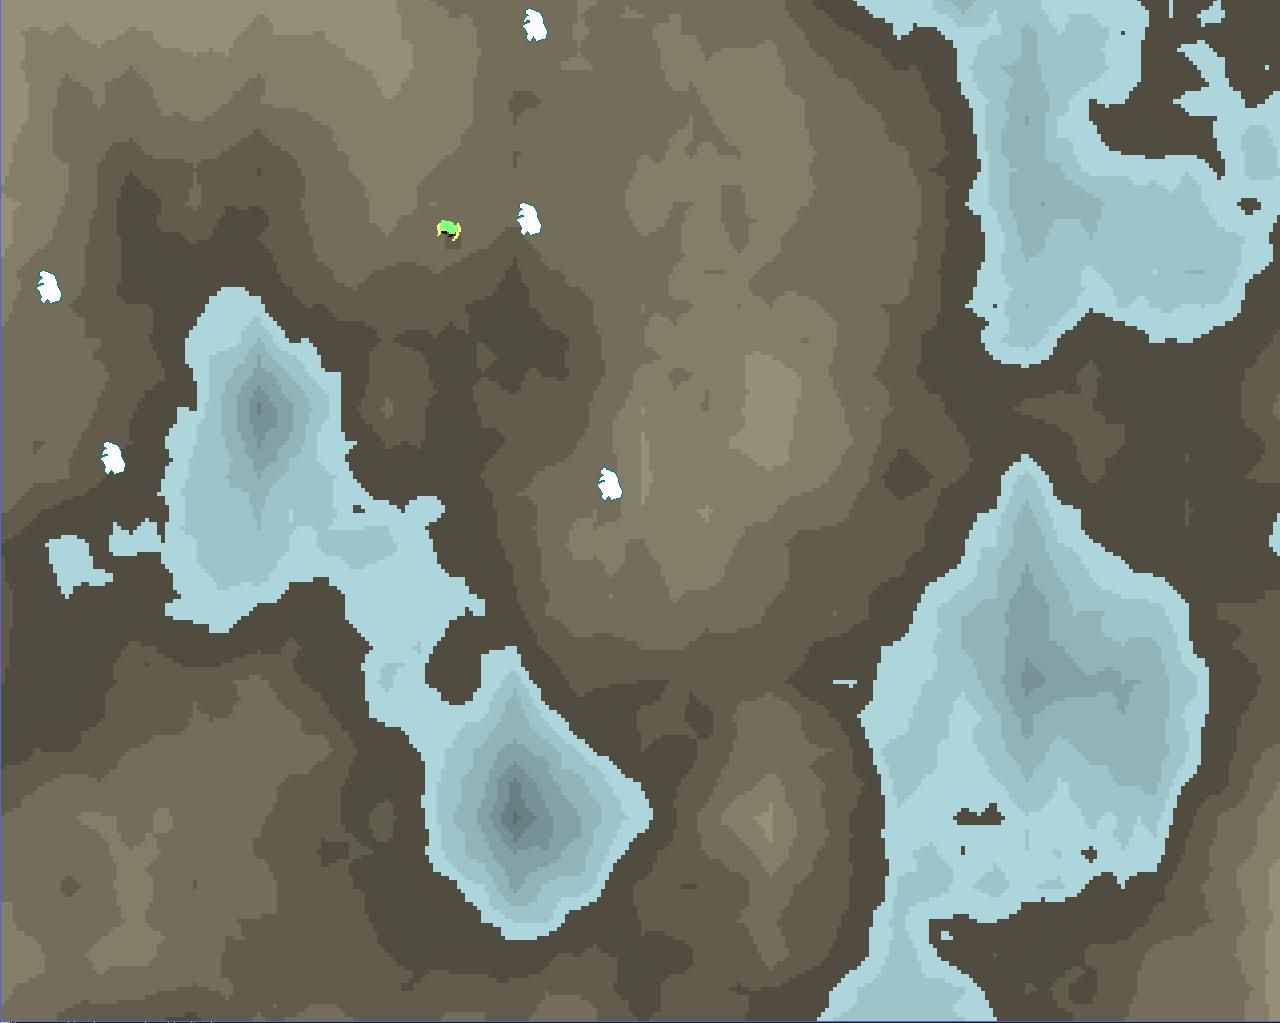 2D Perlin Noise Map